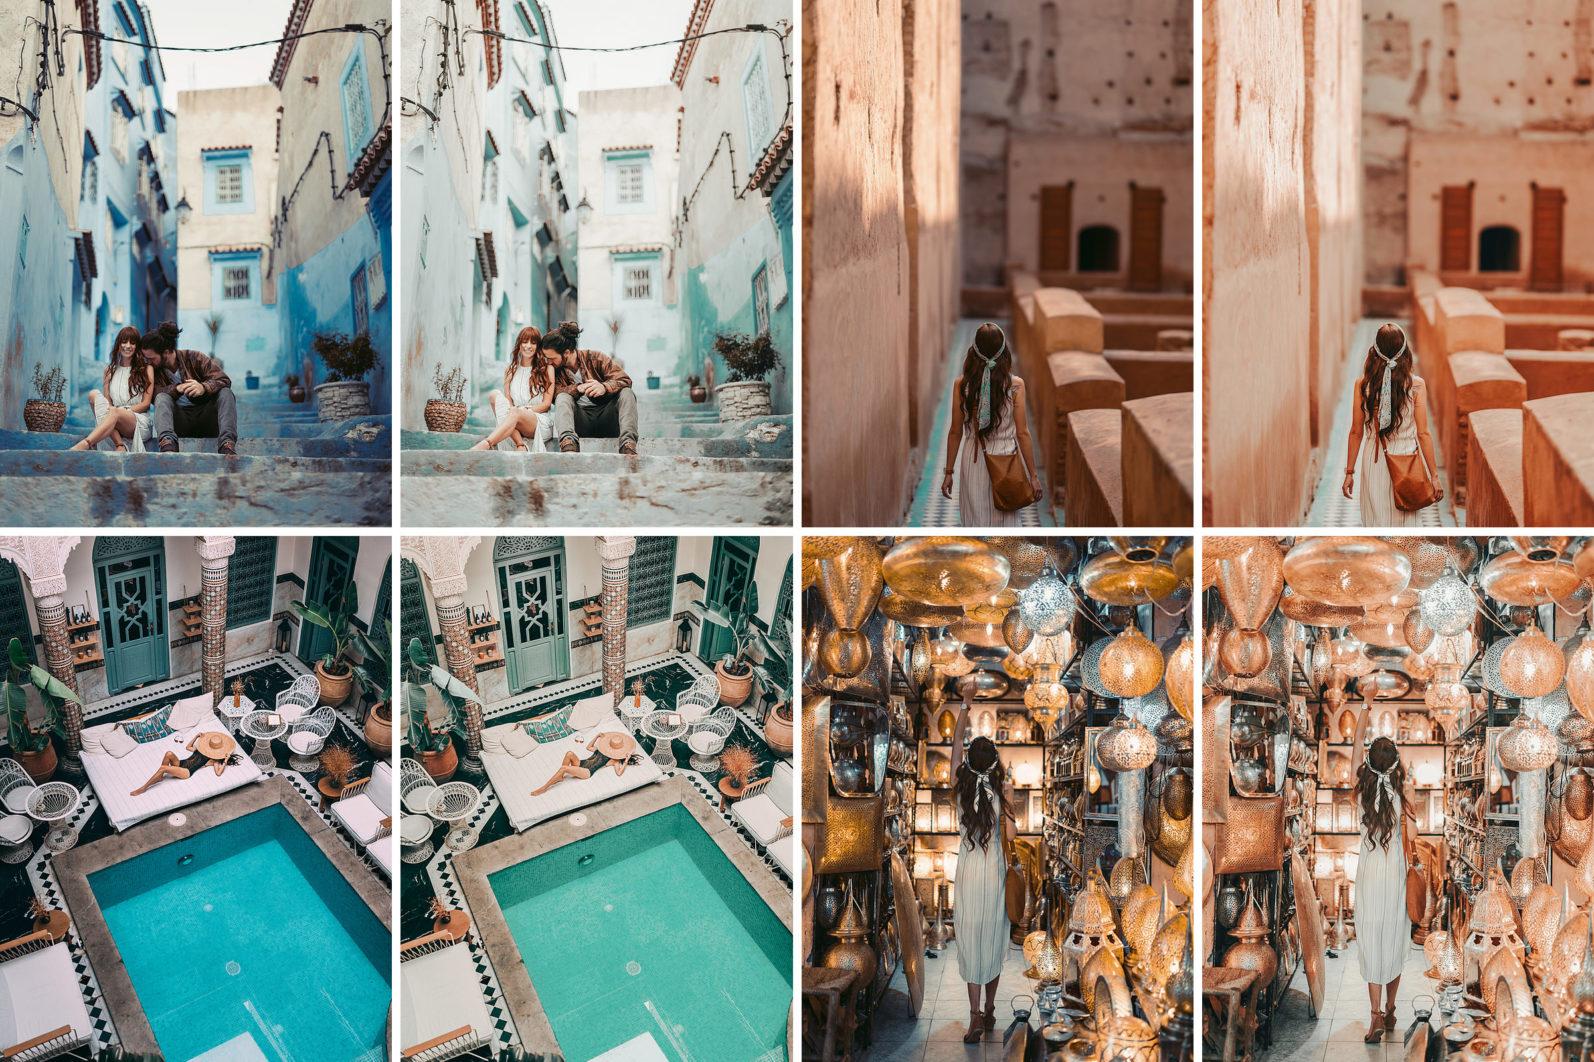 55. Marocco Life - 55.MARROCO LIFE 4 -